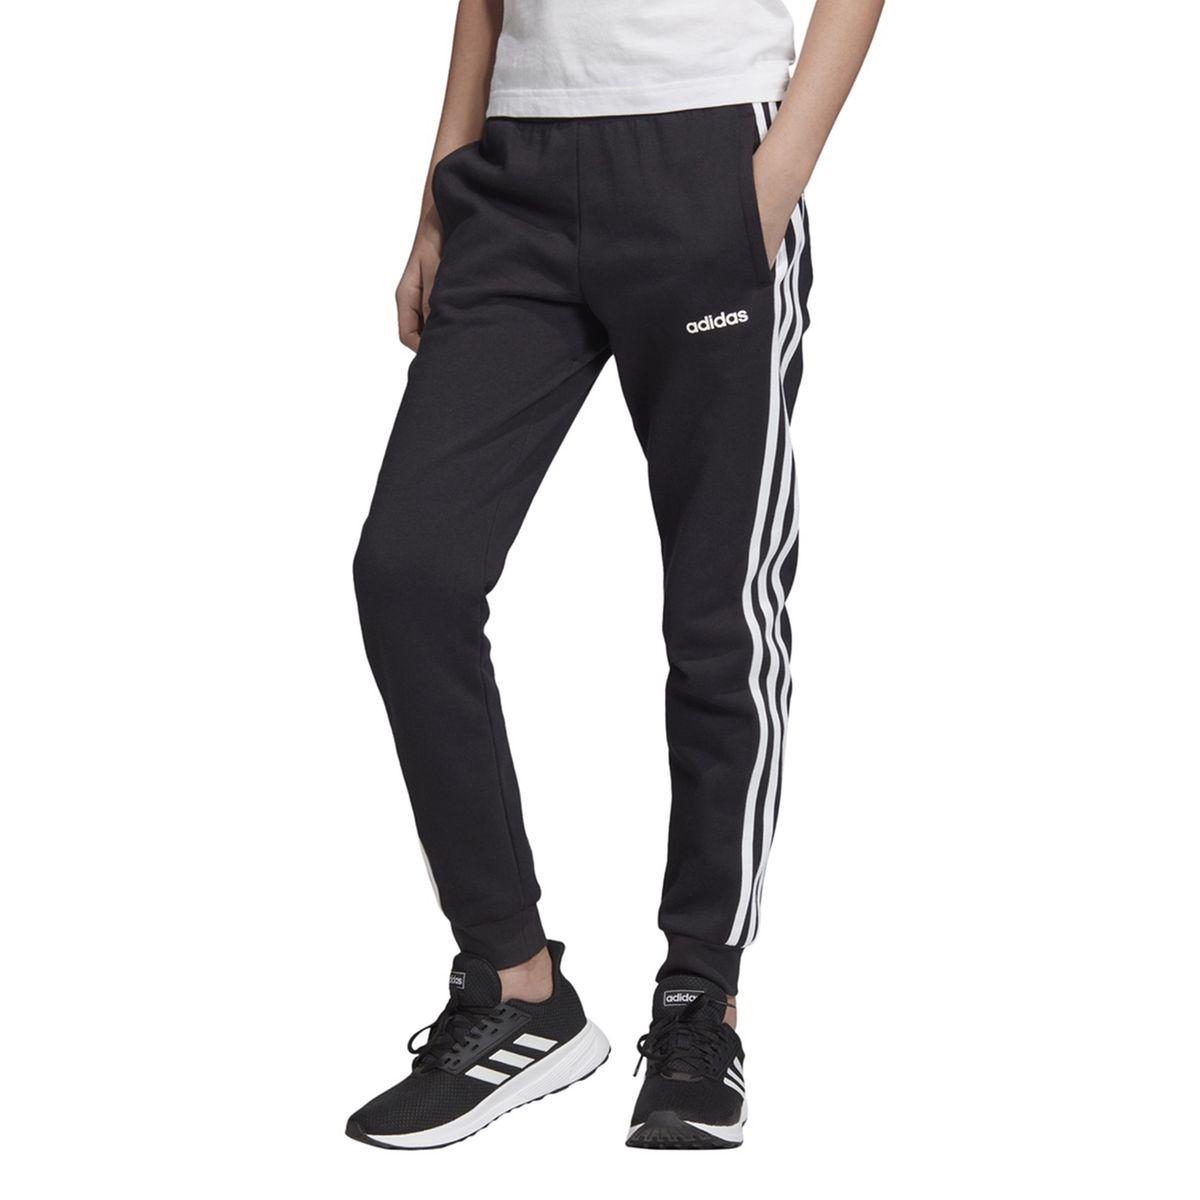 pantalon adidas 10 ans